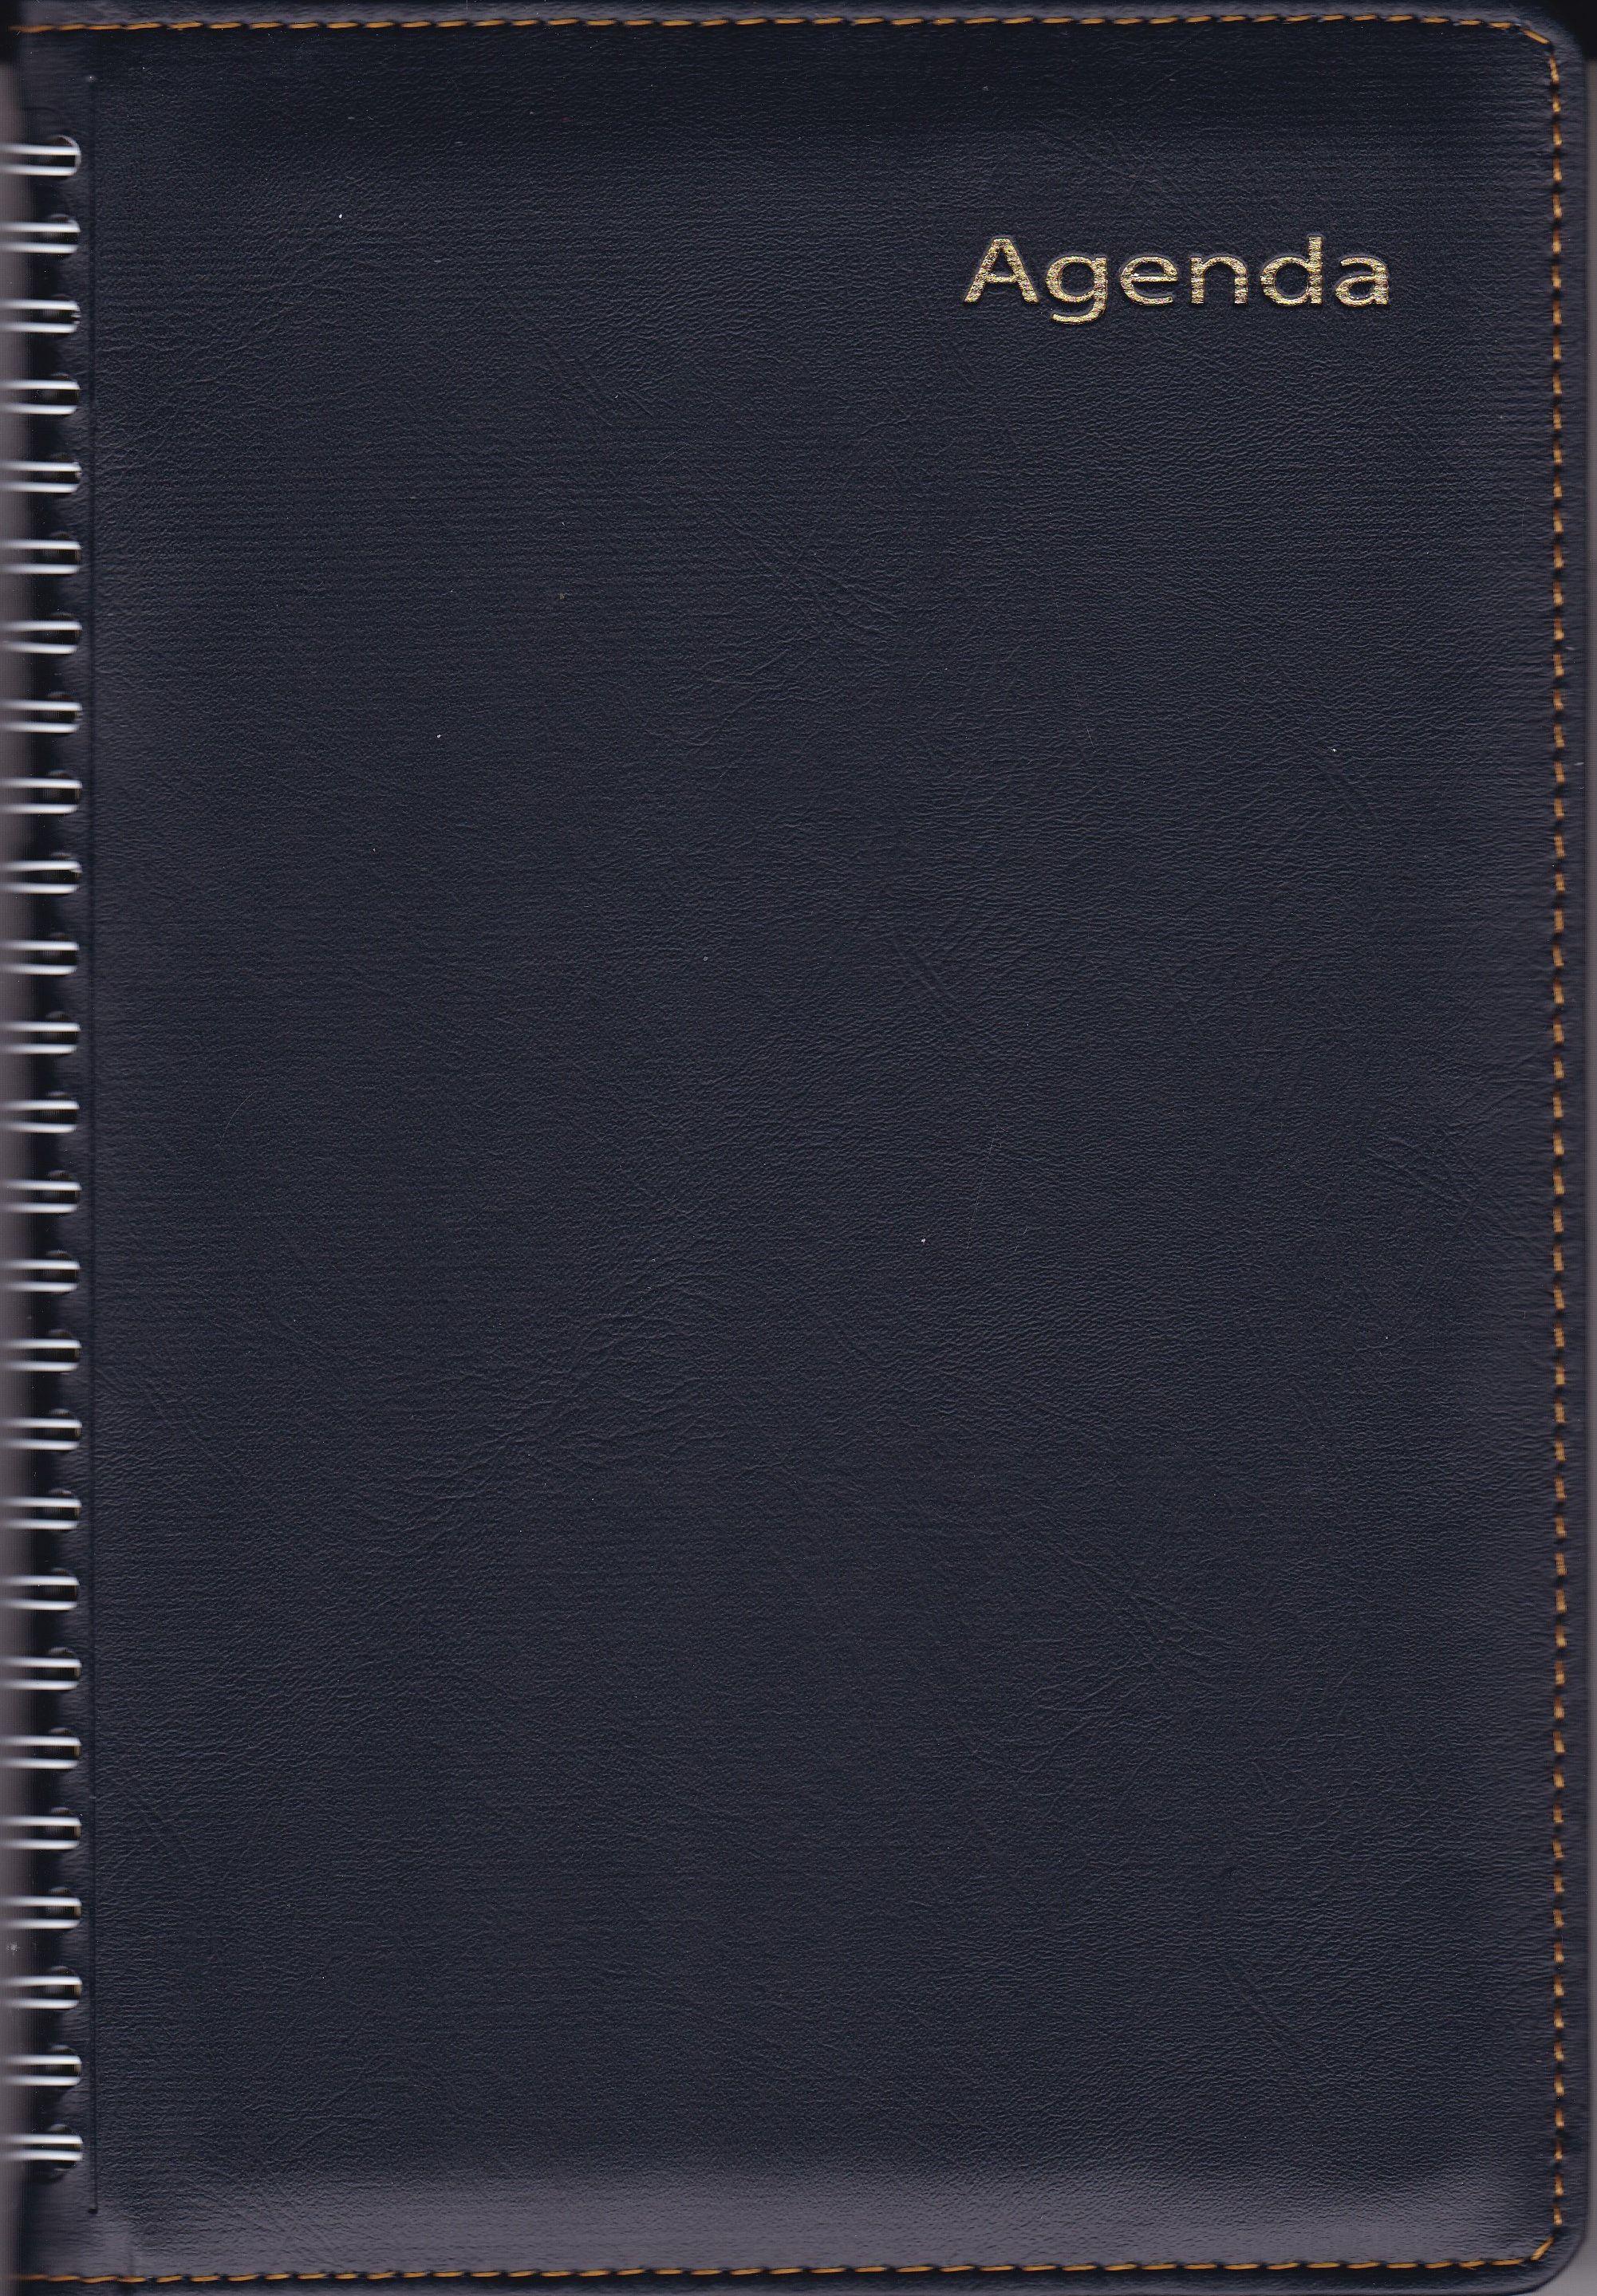 Sổ Agenda Lò Xo 2018 KV368 (14x20 cm) - Đen